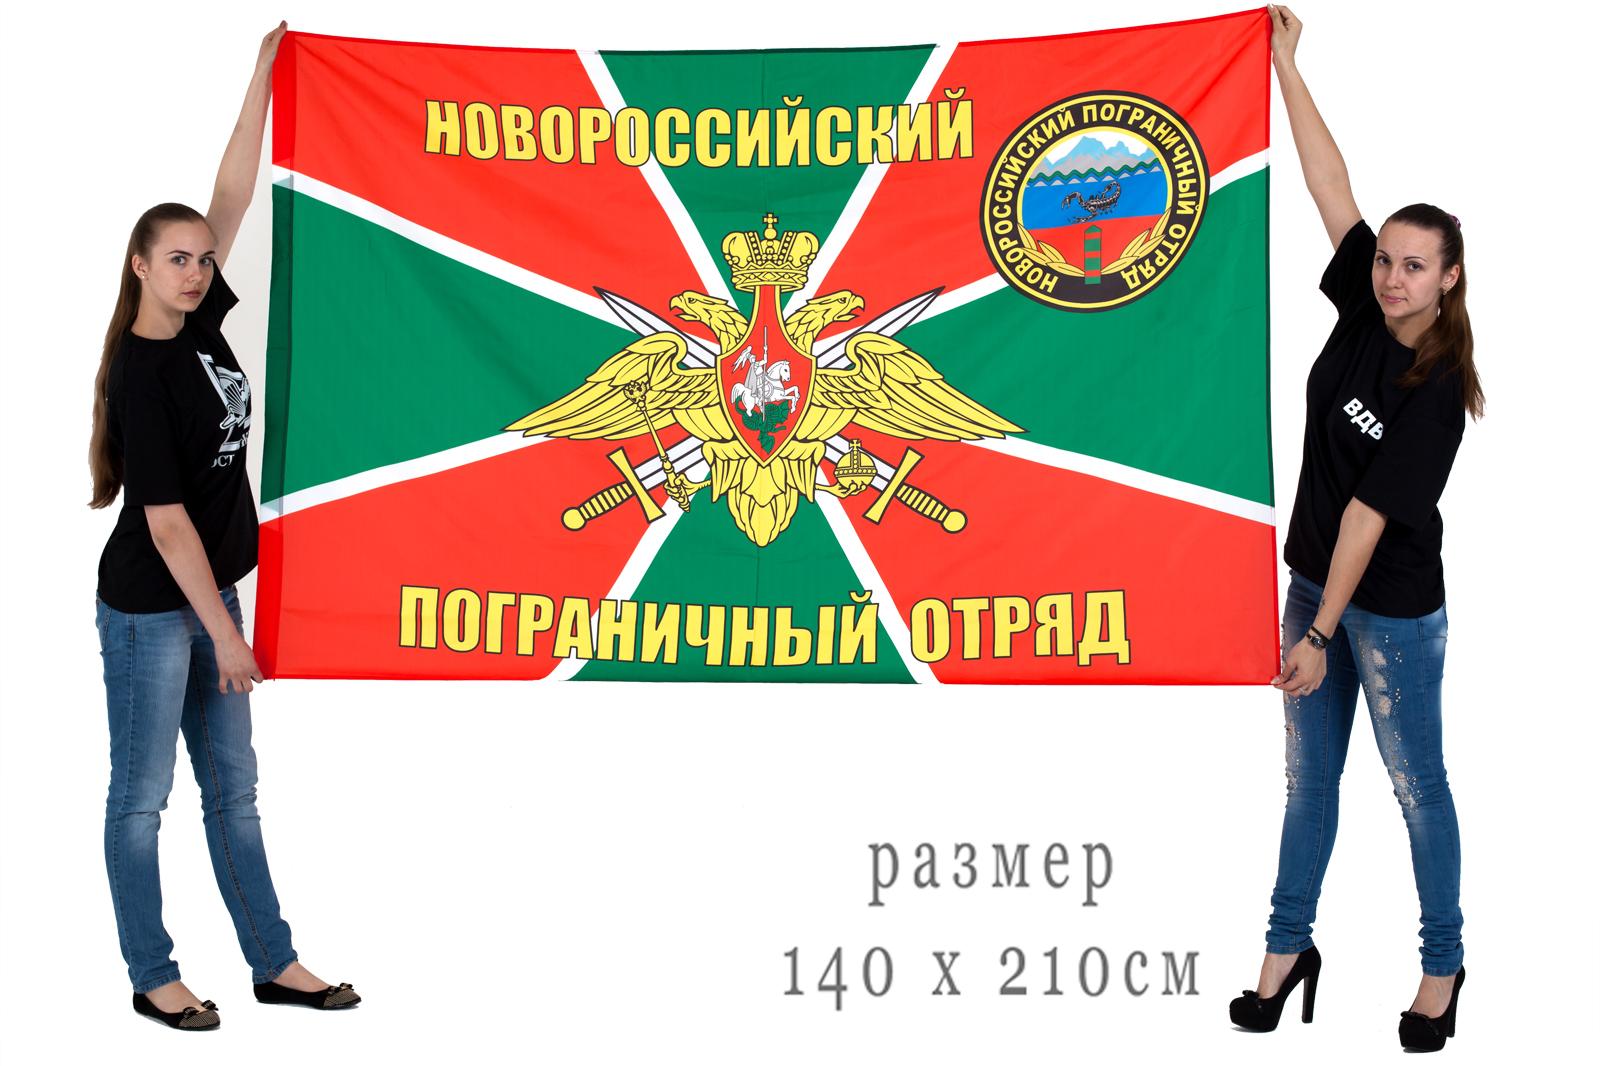 Флаг Новороссийского погранотряда 140x210 см